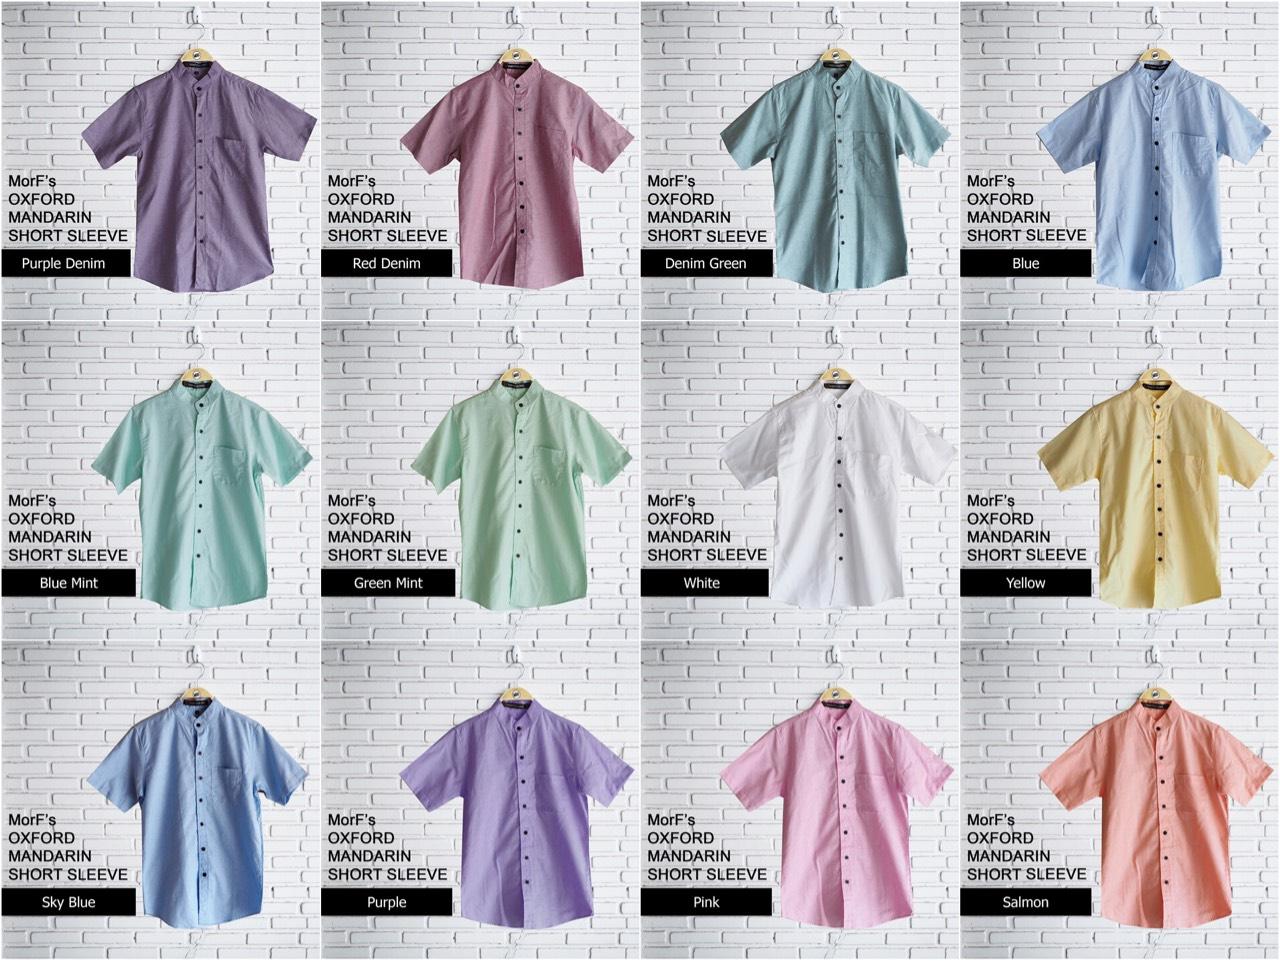 oxfordshirt,เสื้อเชิ้ต,เสื้อเชิ้ตแขนสั้น,พาสเทล,สีพื้น,เสื้อคอจีน,เสื้อคอเต่า,MorfClothes